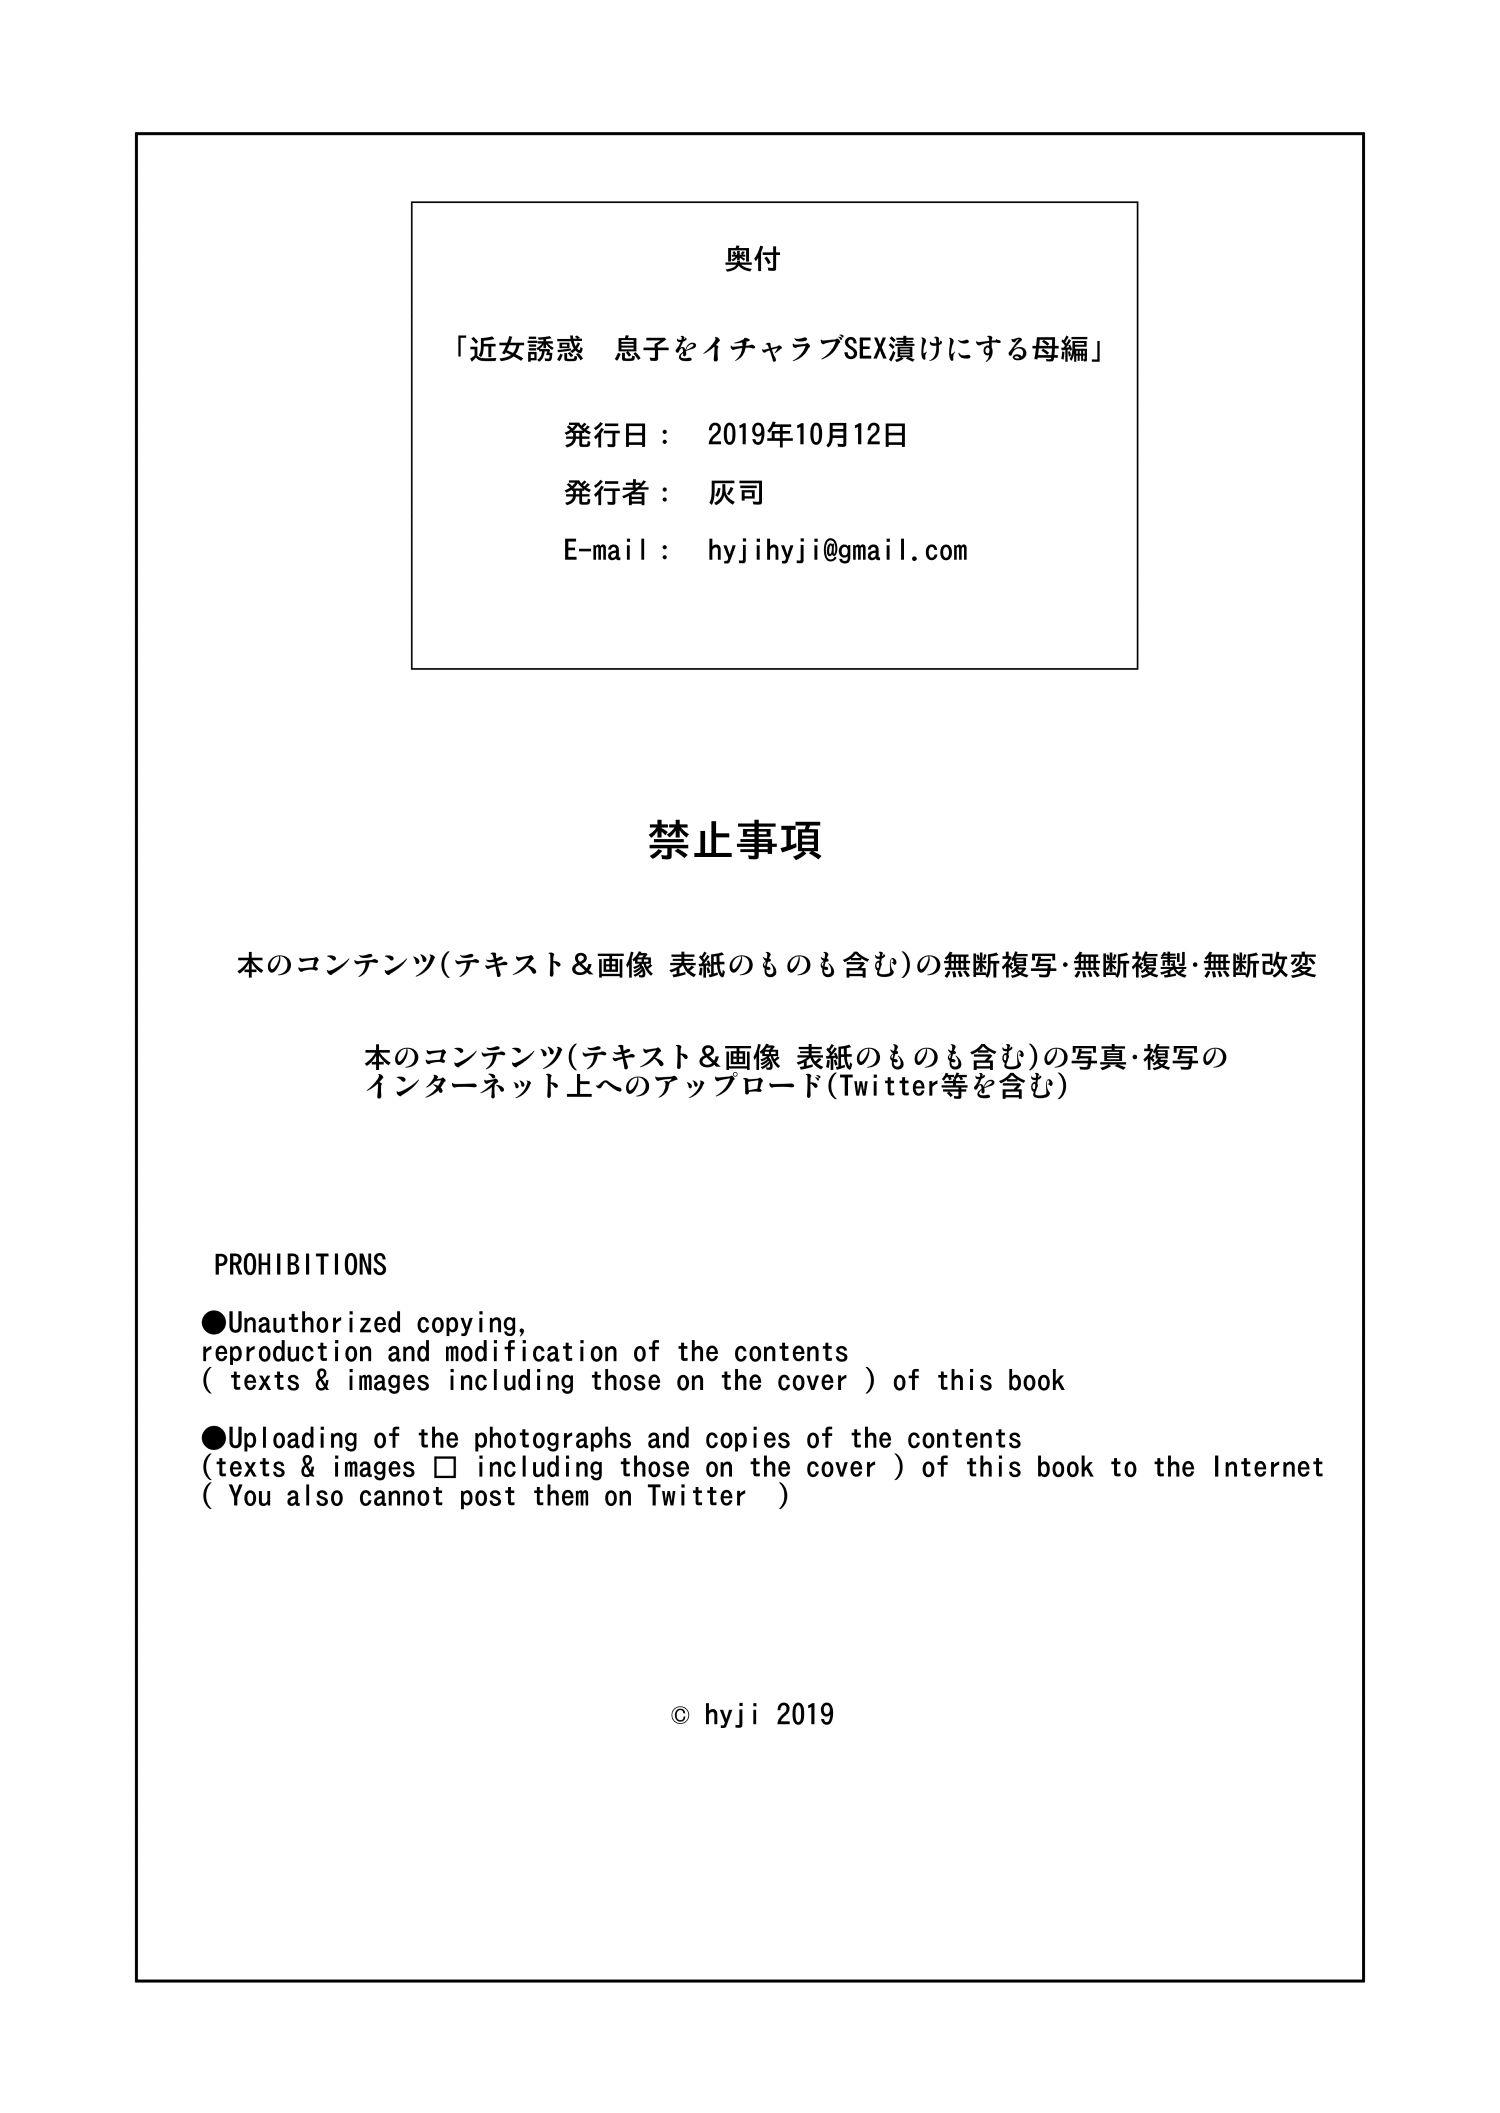 Kinjo Yuuwaku Musuko o Icha Love SEX Zuke ni Suru Haha Hen